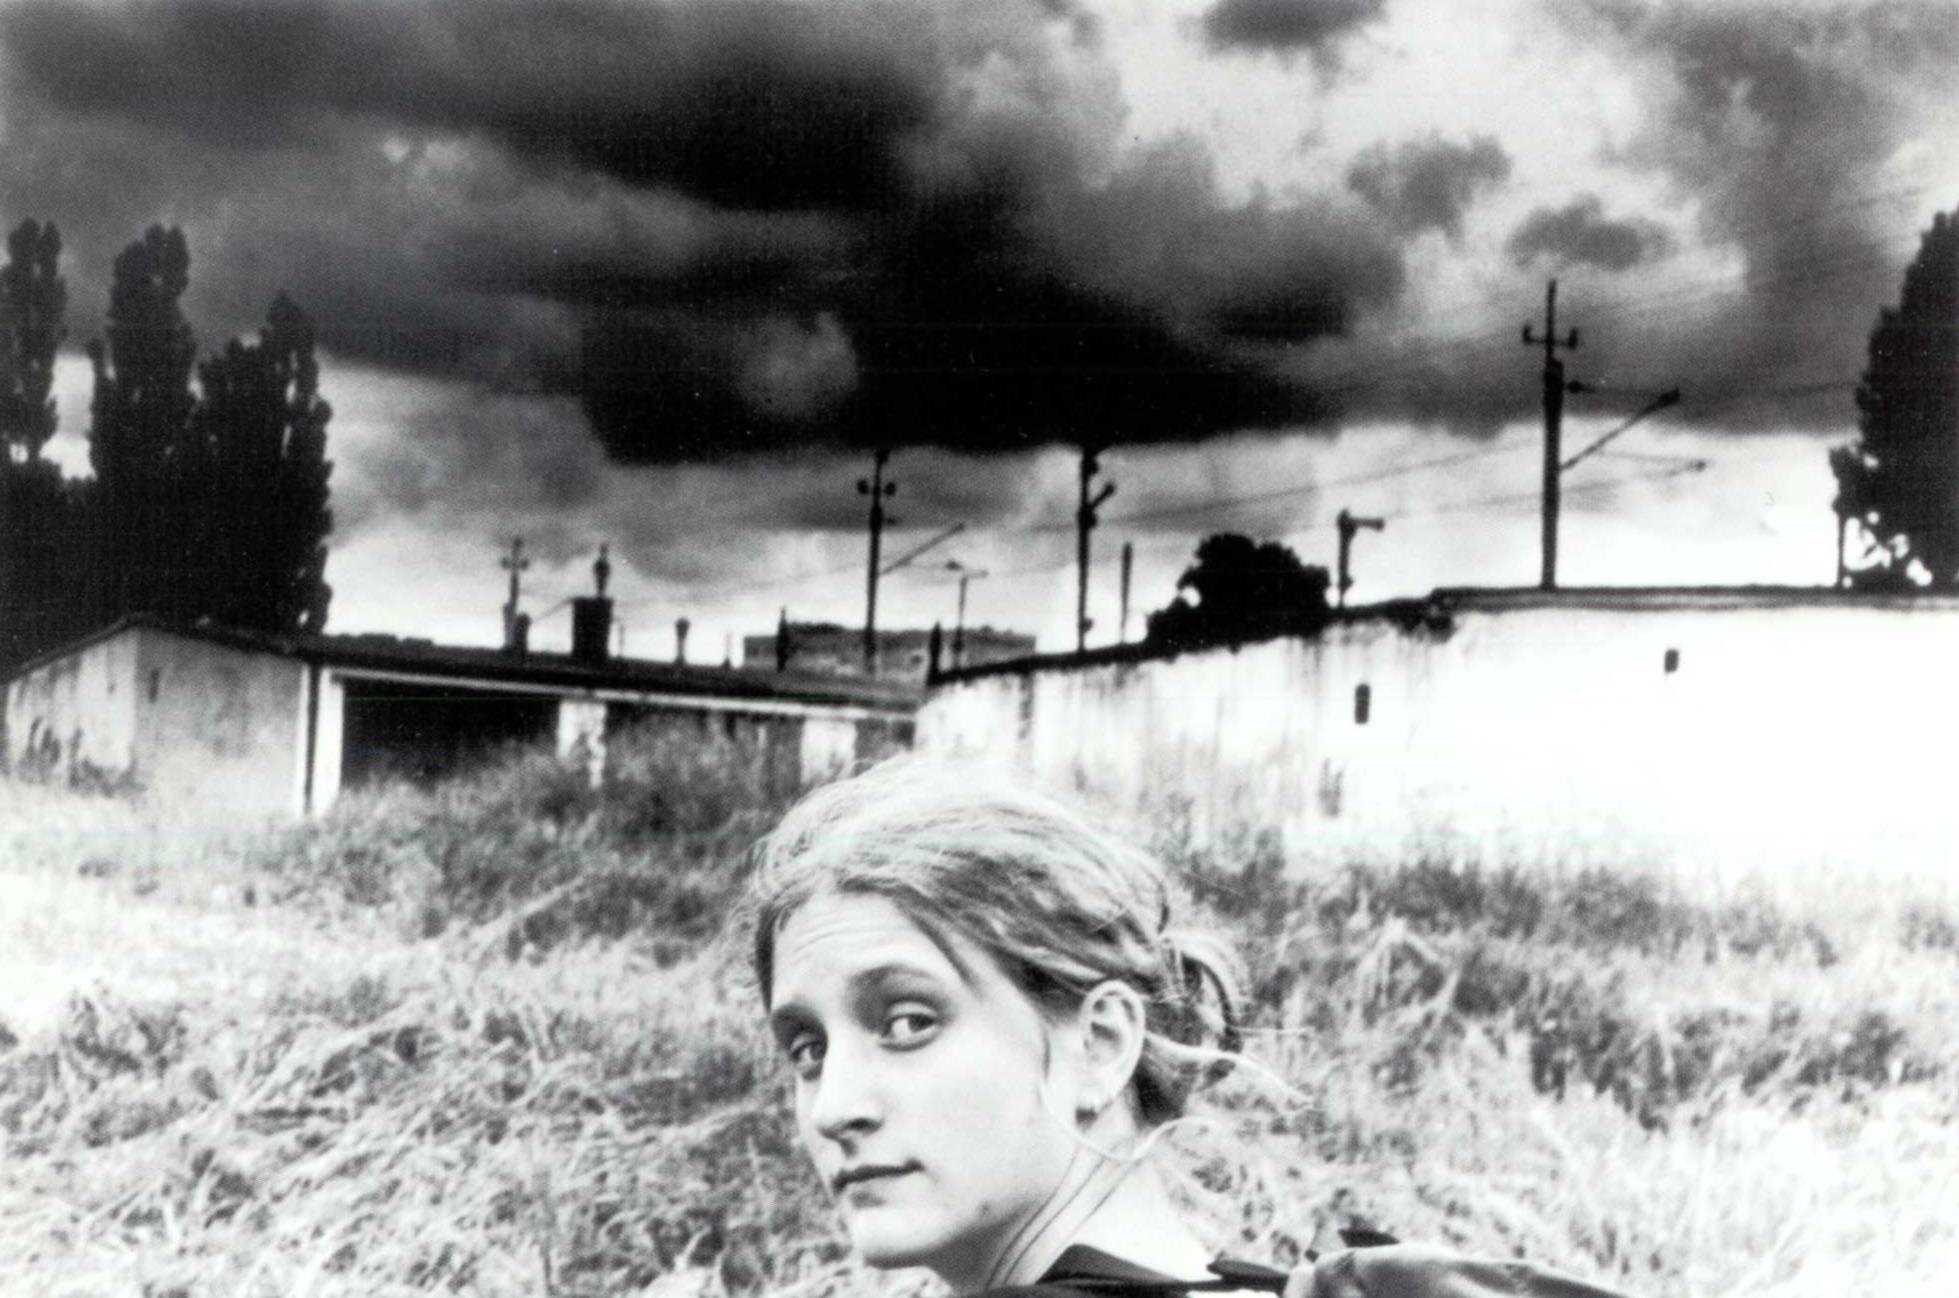 une image pour le futur - 1999